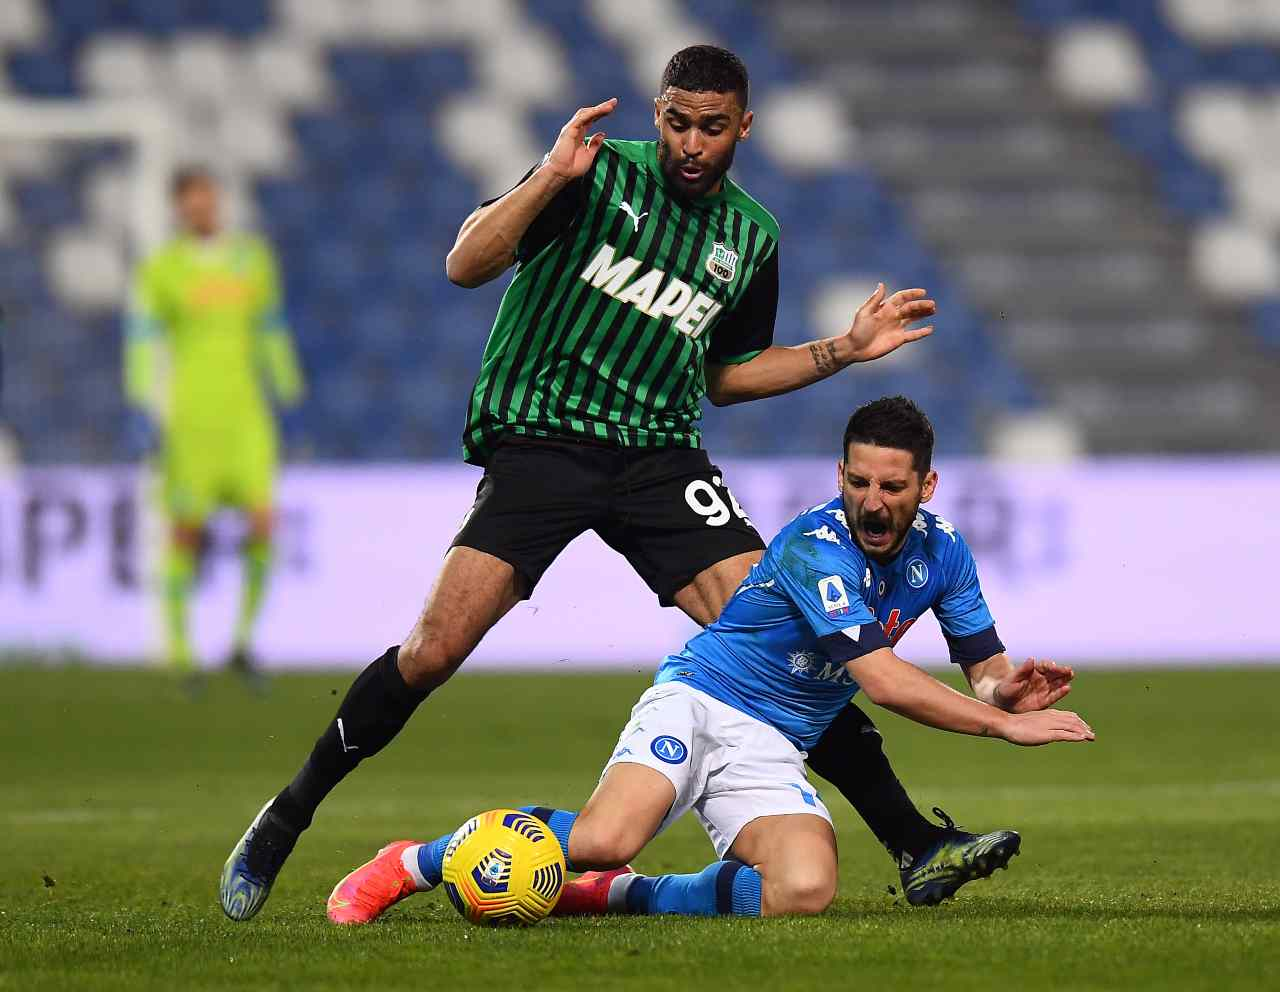 Serie A, highlights Sassuolo-Napoli: gol e sintesi partita - Video